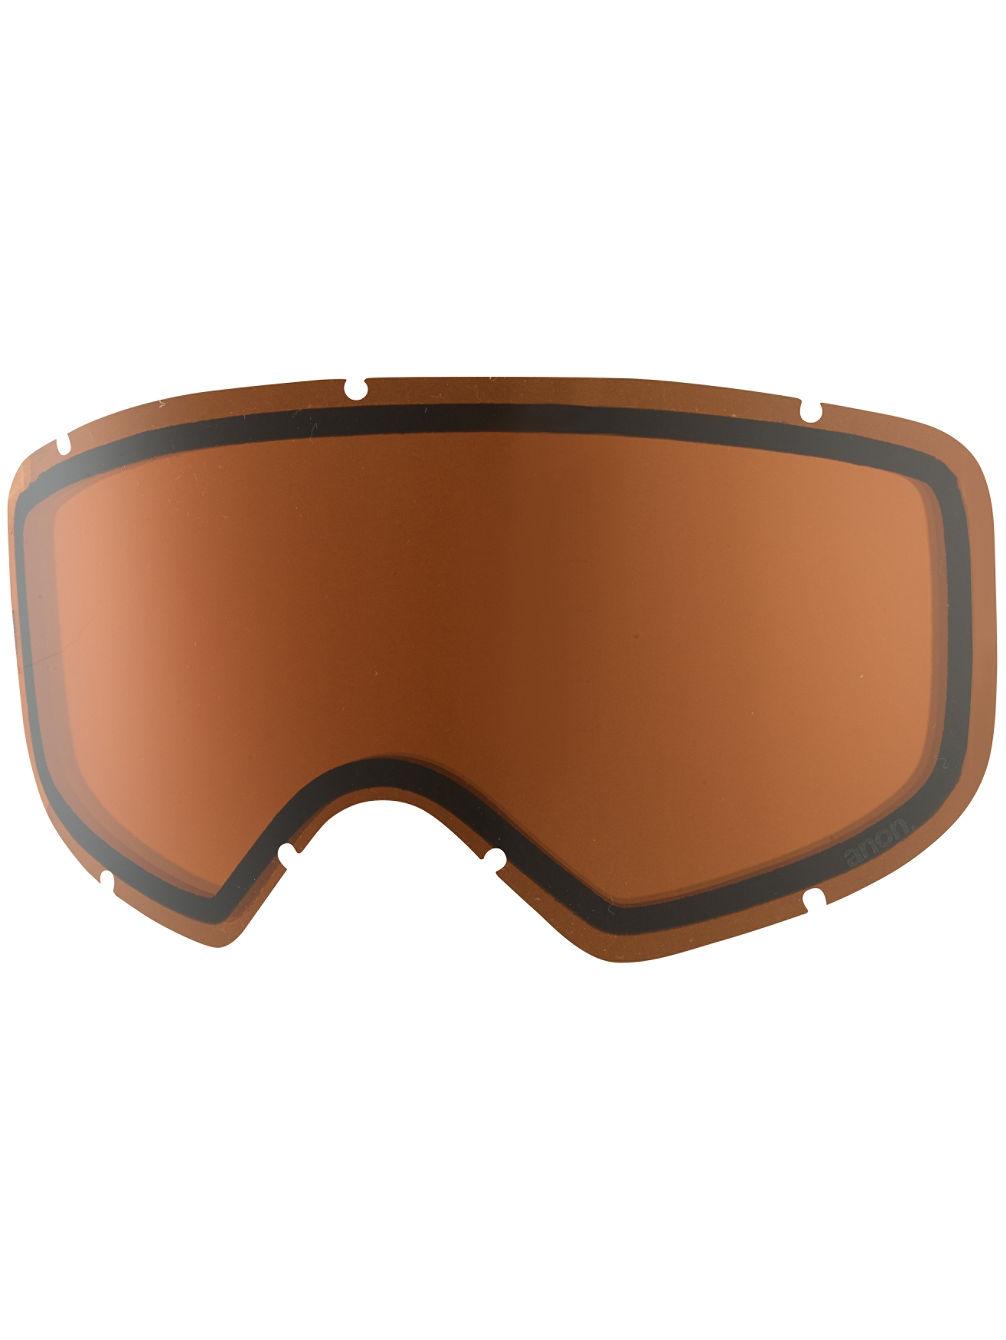 deringer-lense